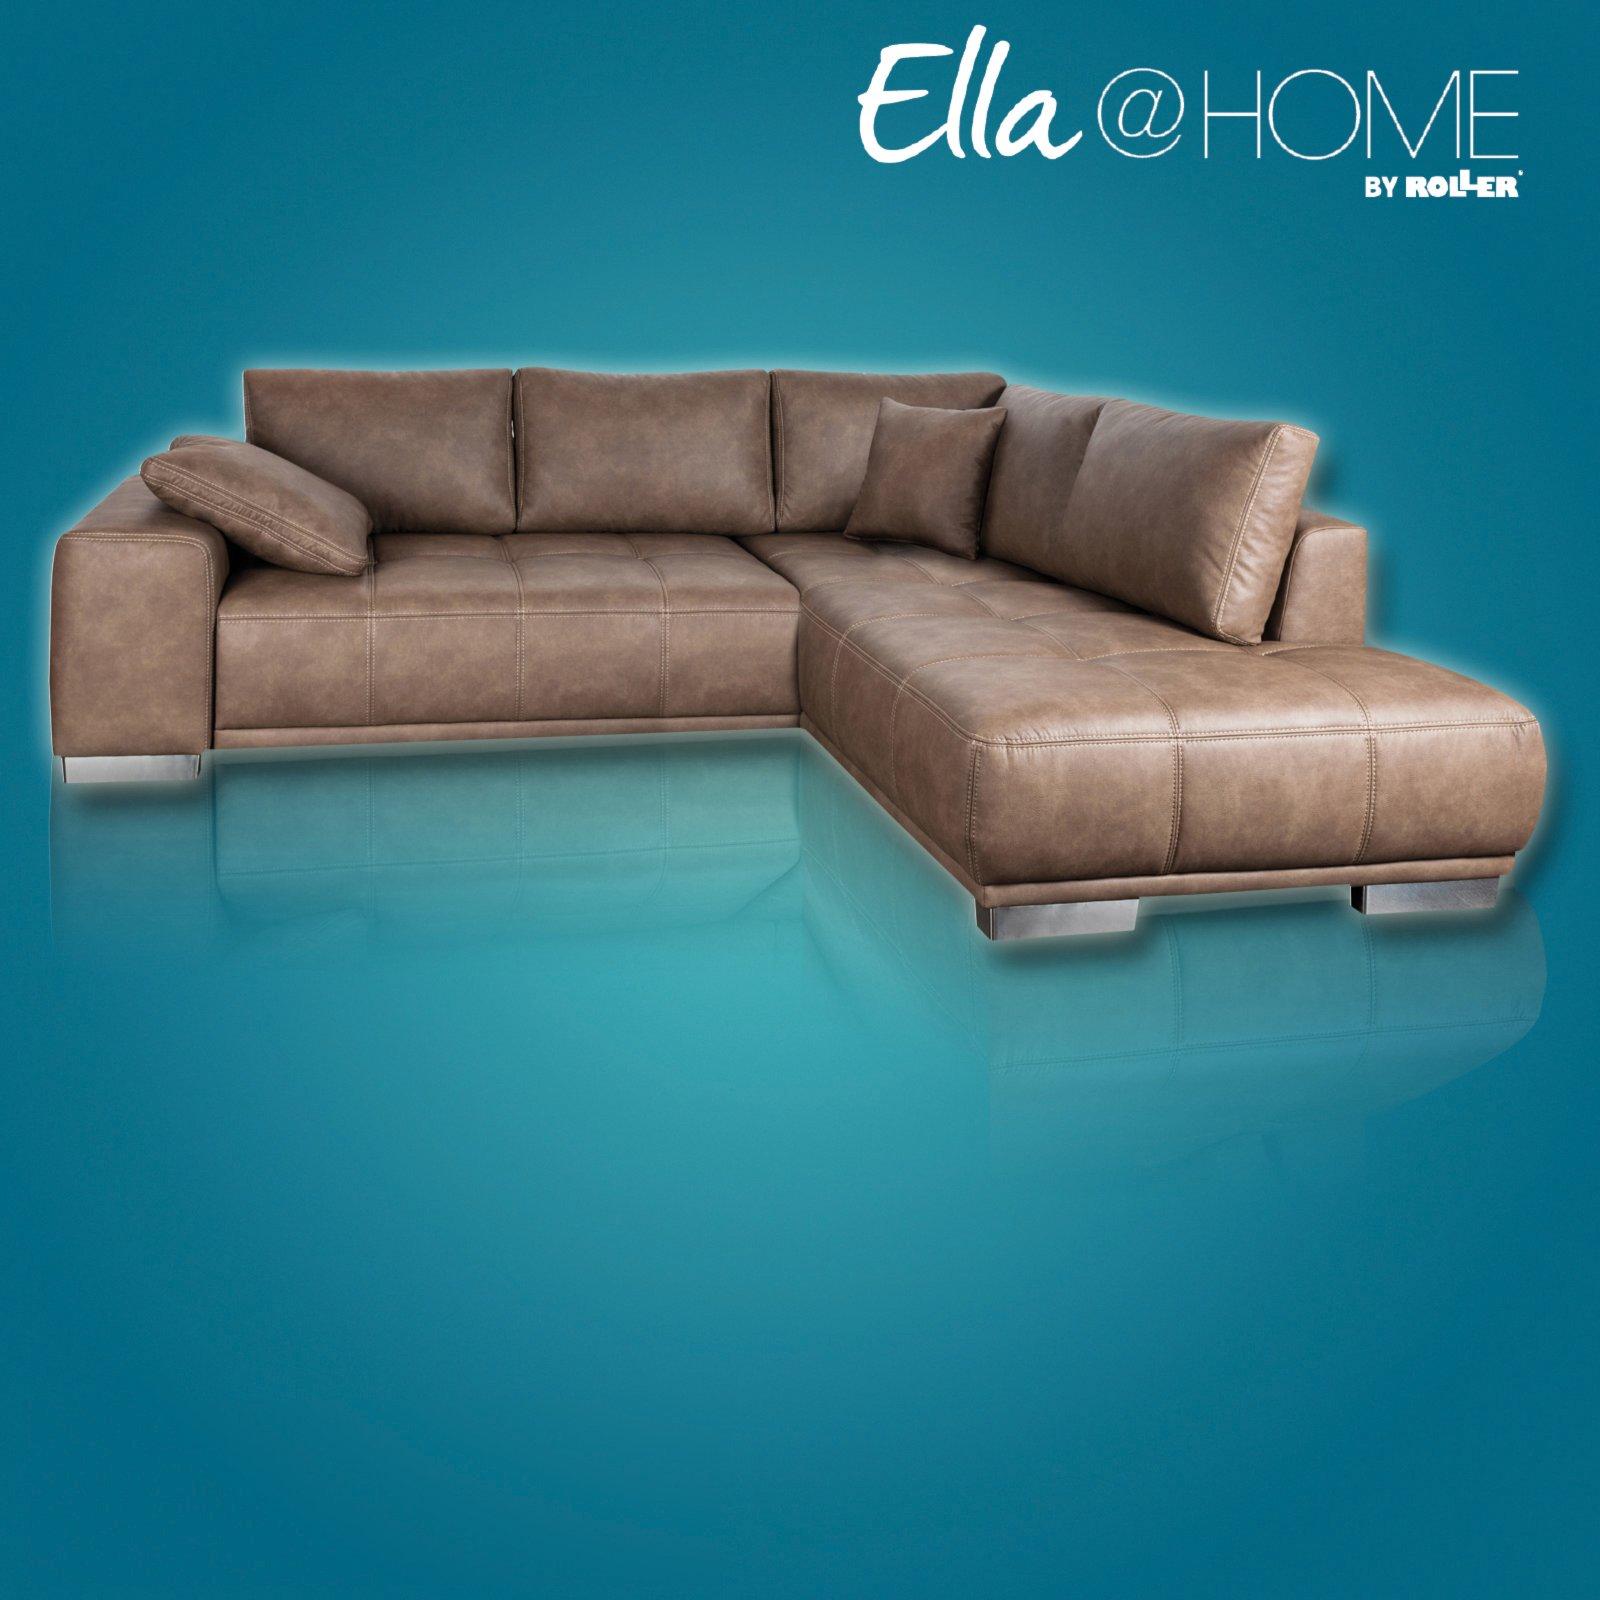 Ella@HOME Produkte exklusiv bei ROLLER günstig kaufen